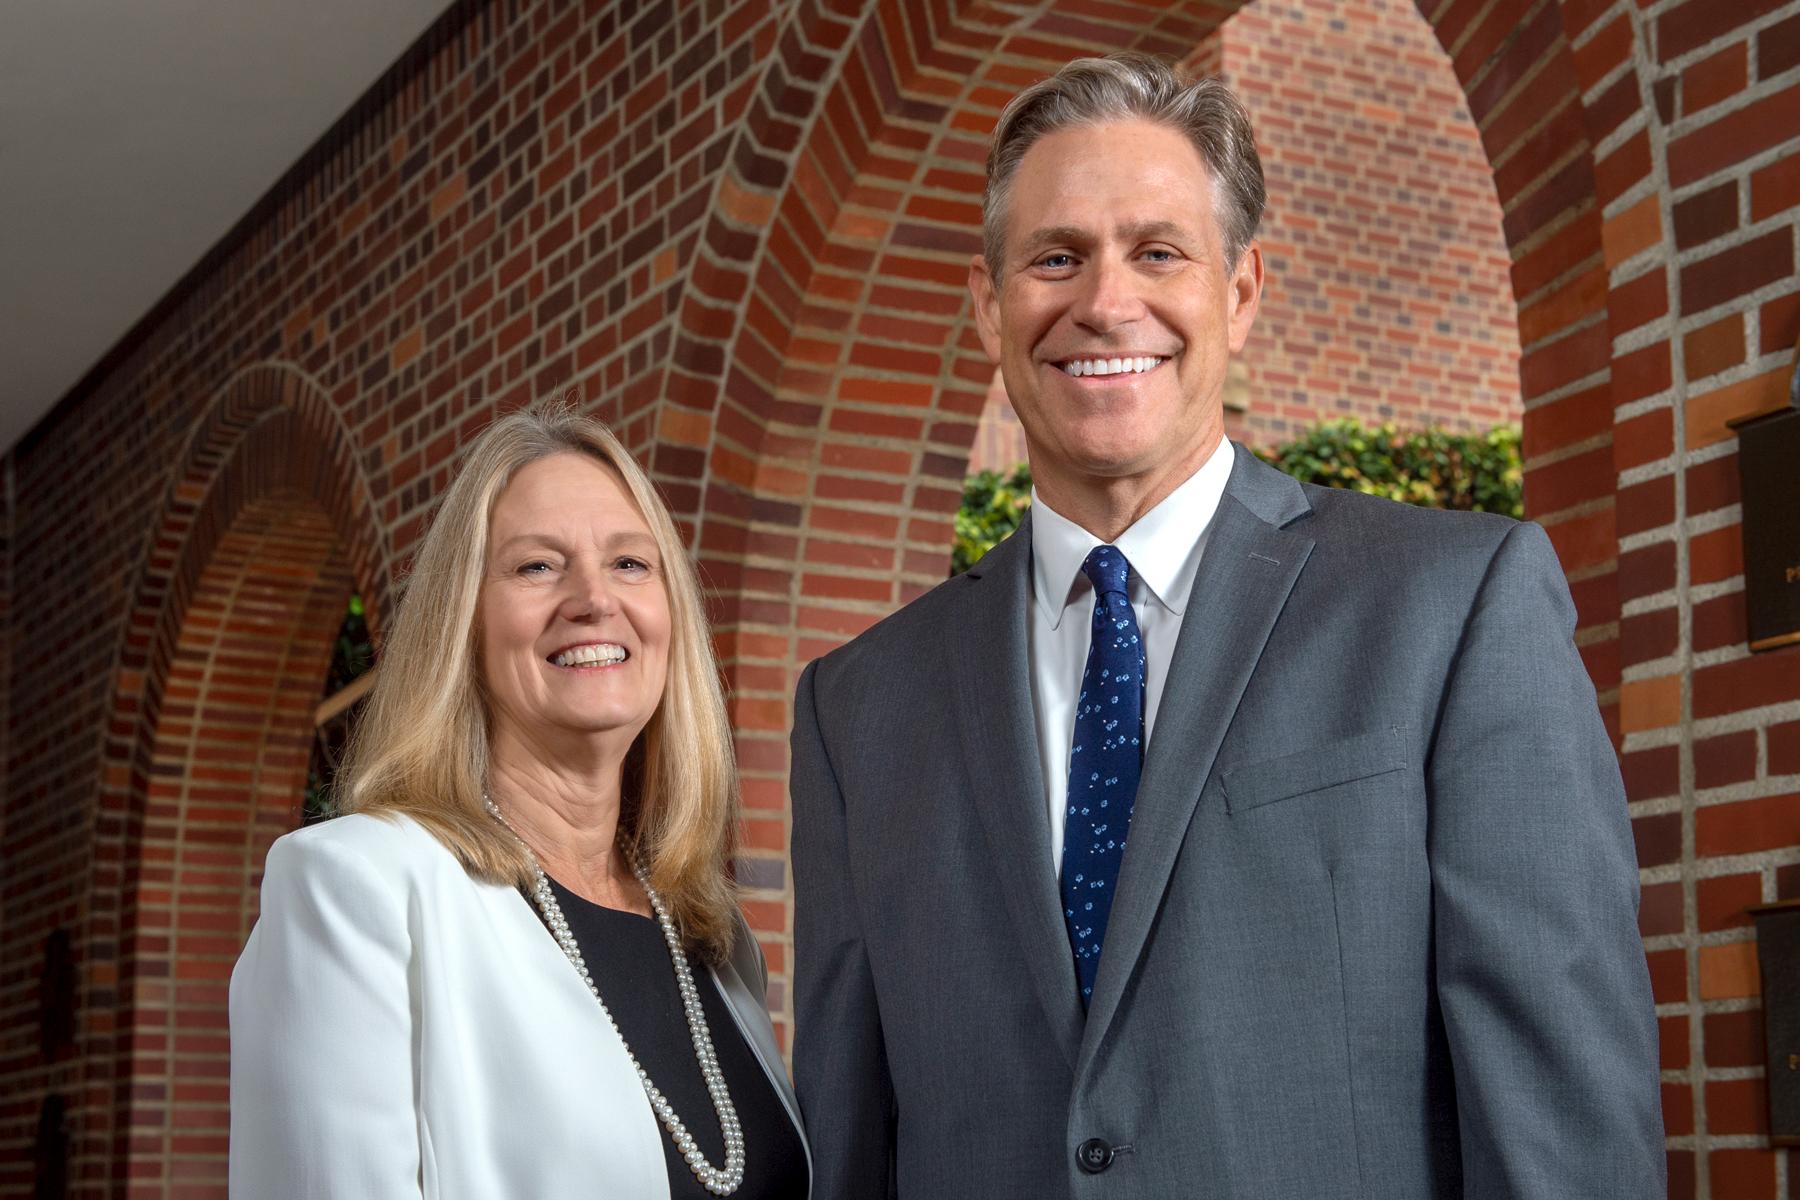 Ombuds Katherine Greenwood and Thomas Kosakowski.